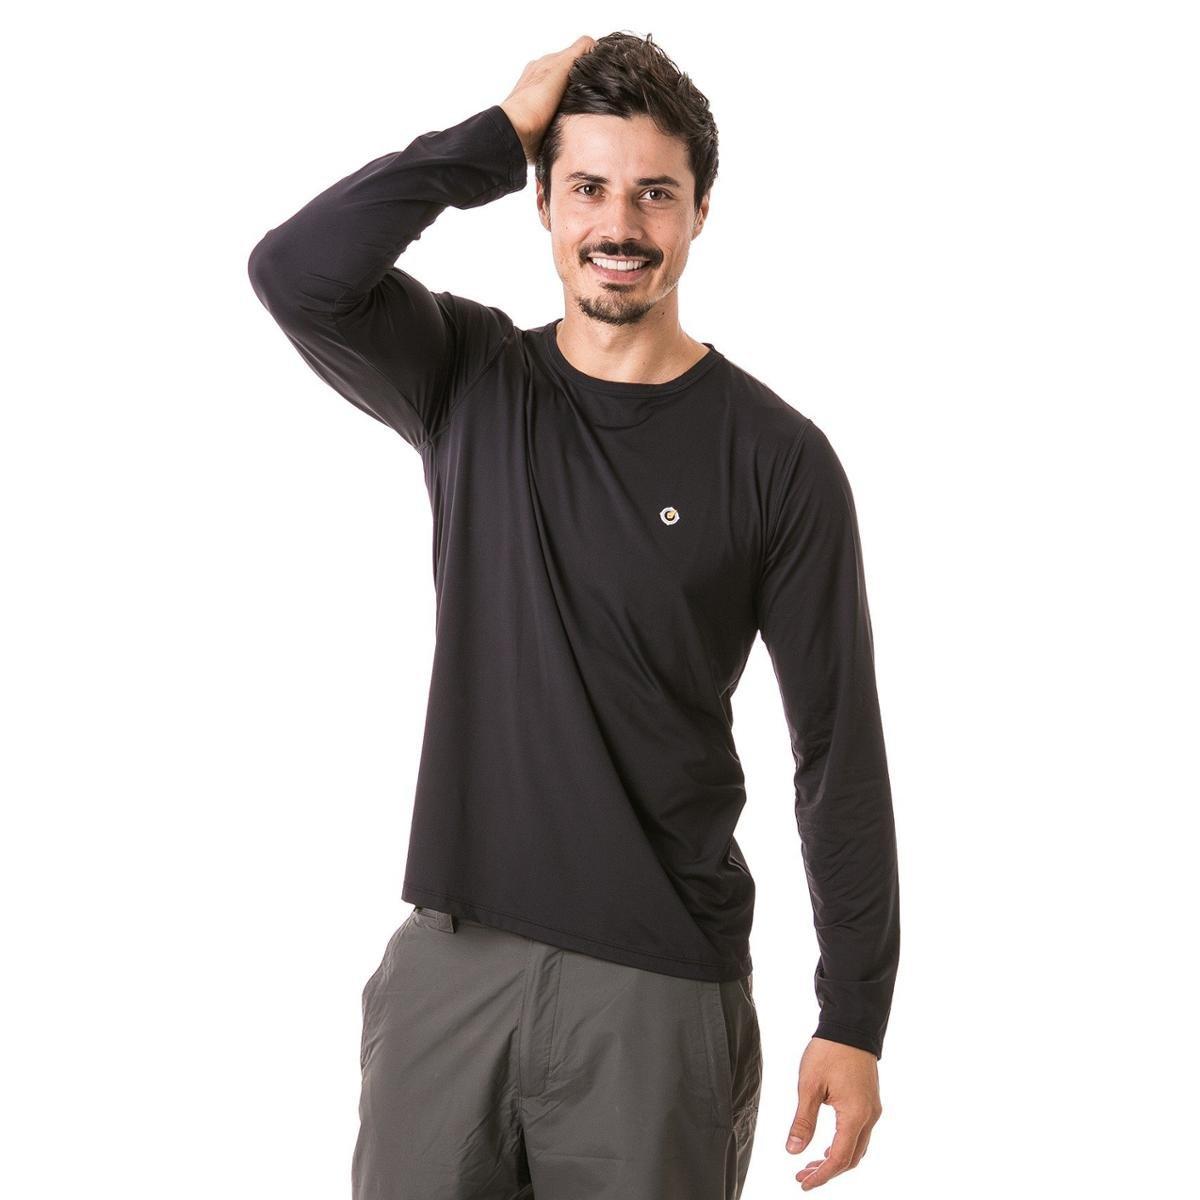 5a2e534b8 Camiseta com Proteção Solar FPU50+ Manga Longa Extreme UV Ice - Preto